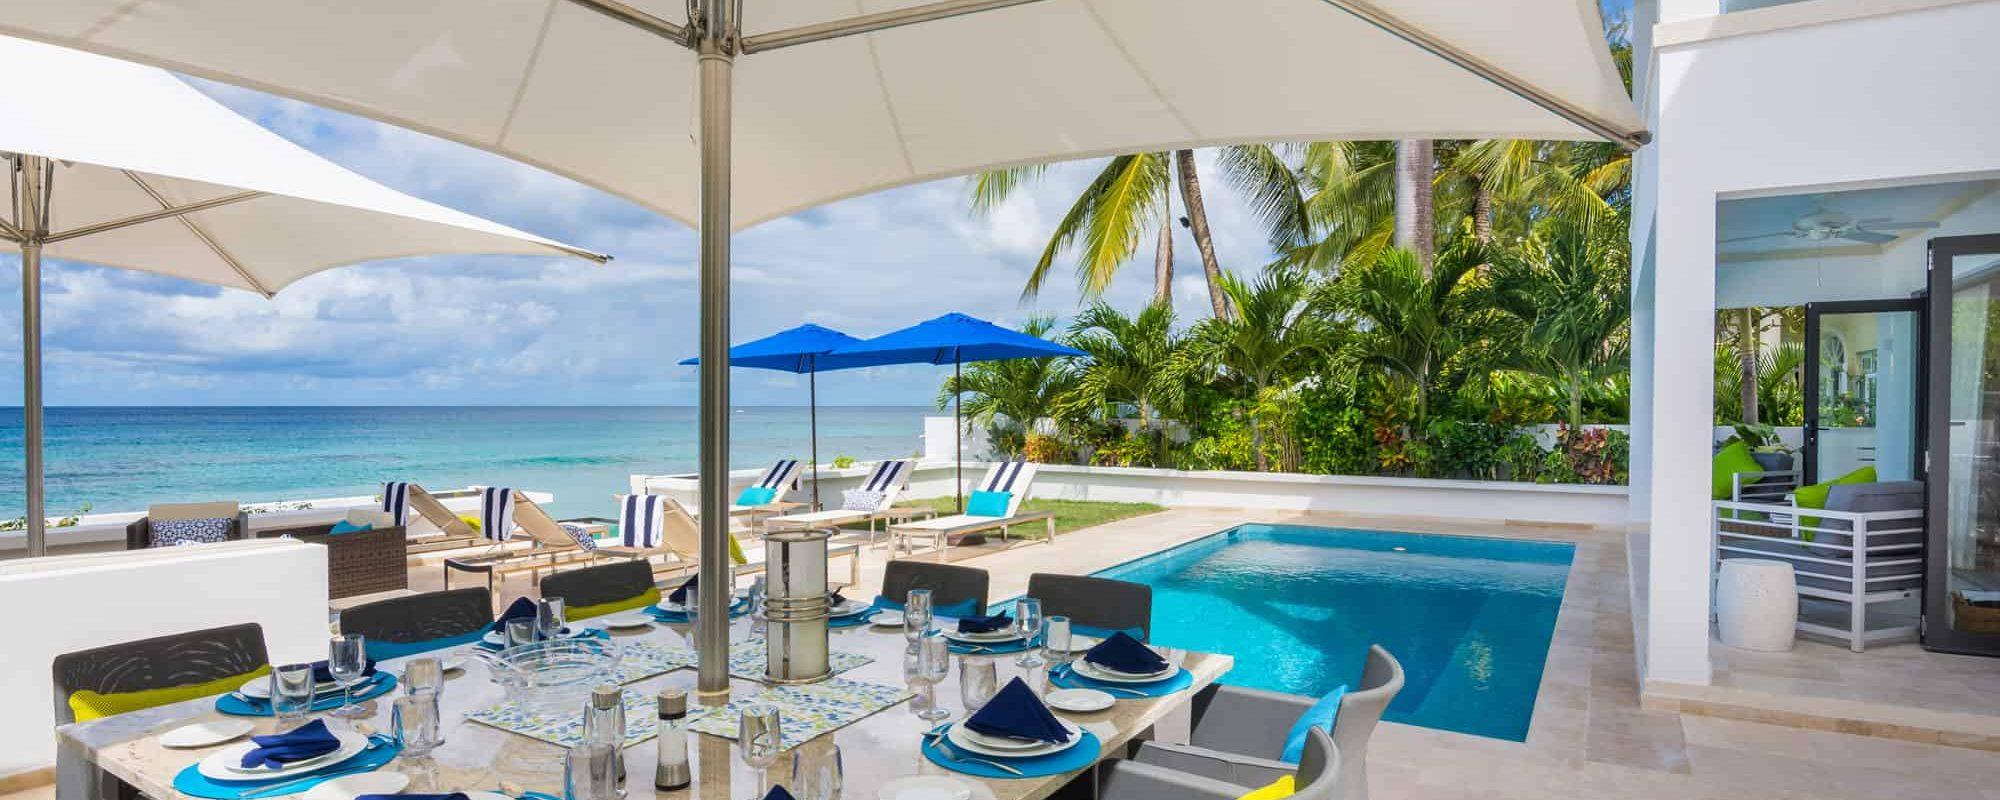 55-patio-terrace